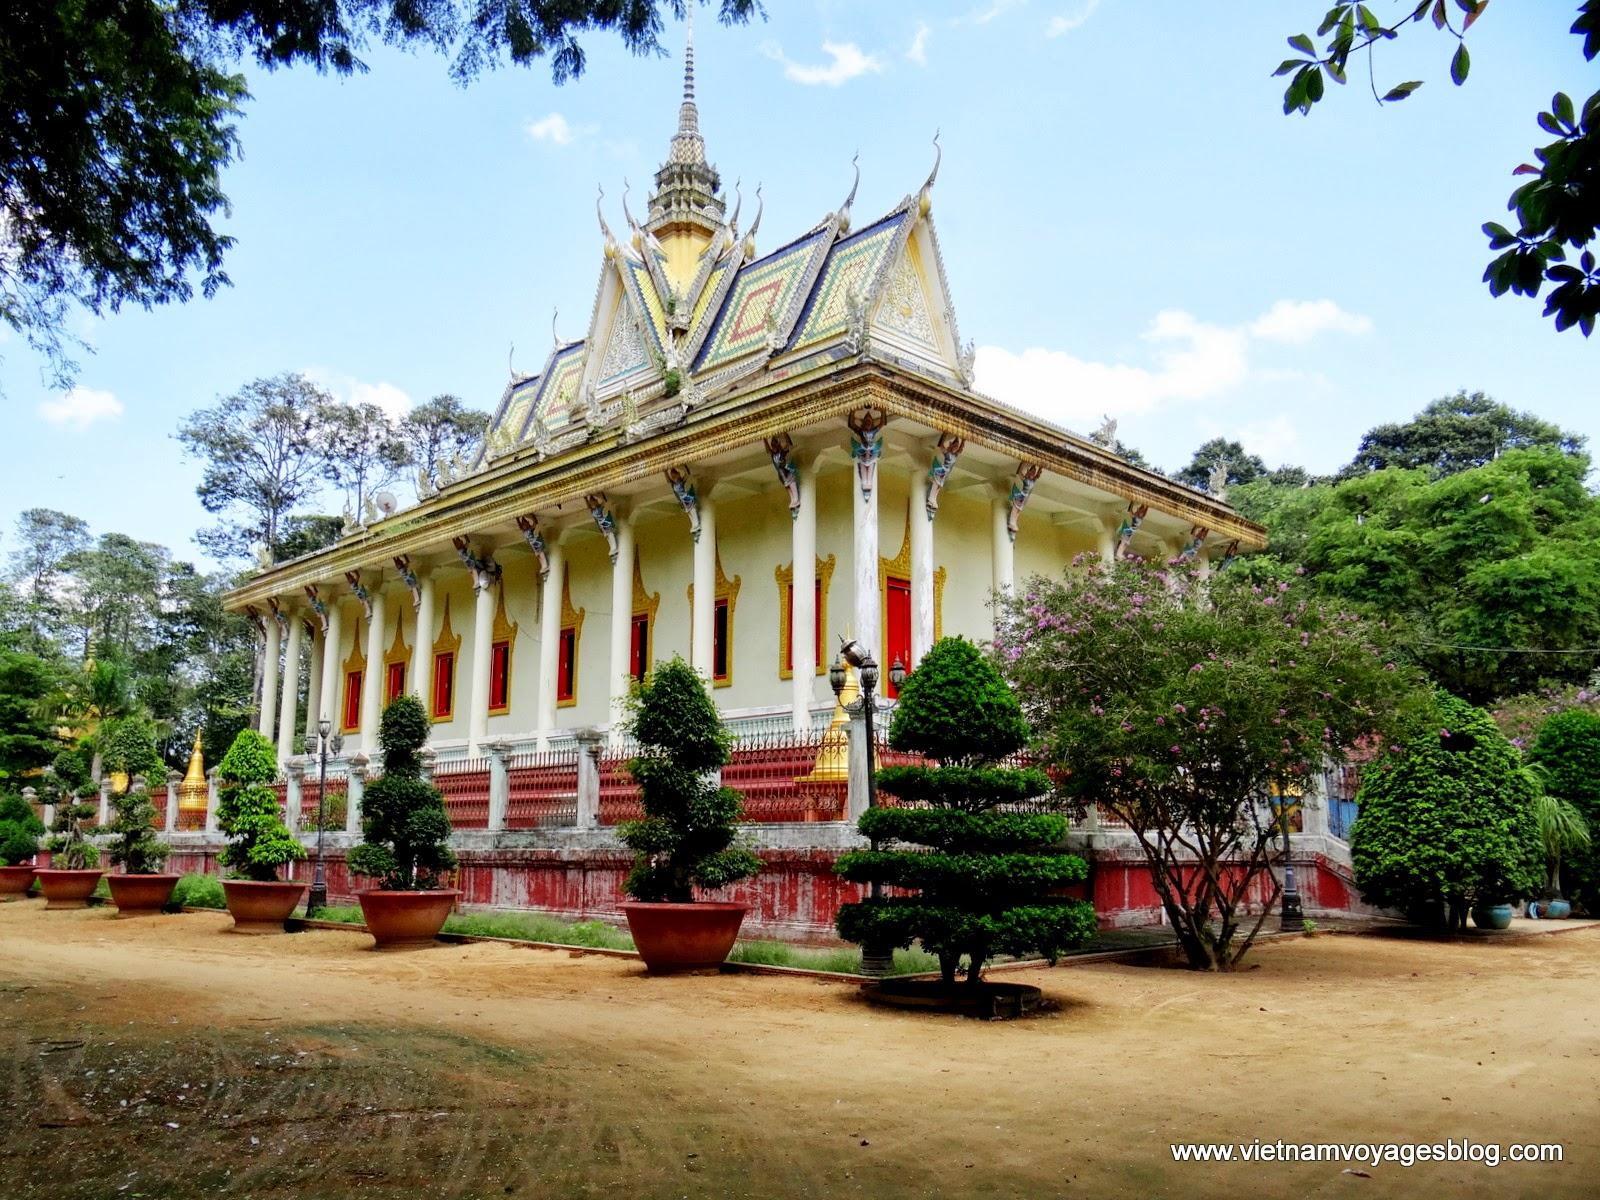 Bảo tàng Khmer tại Trà Vinh